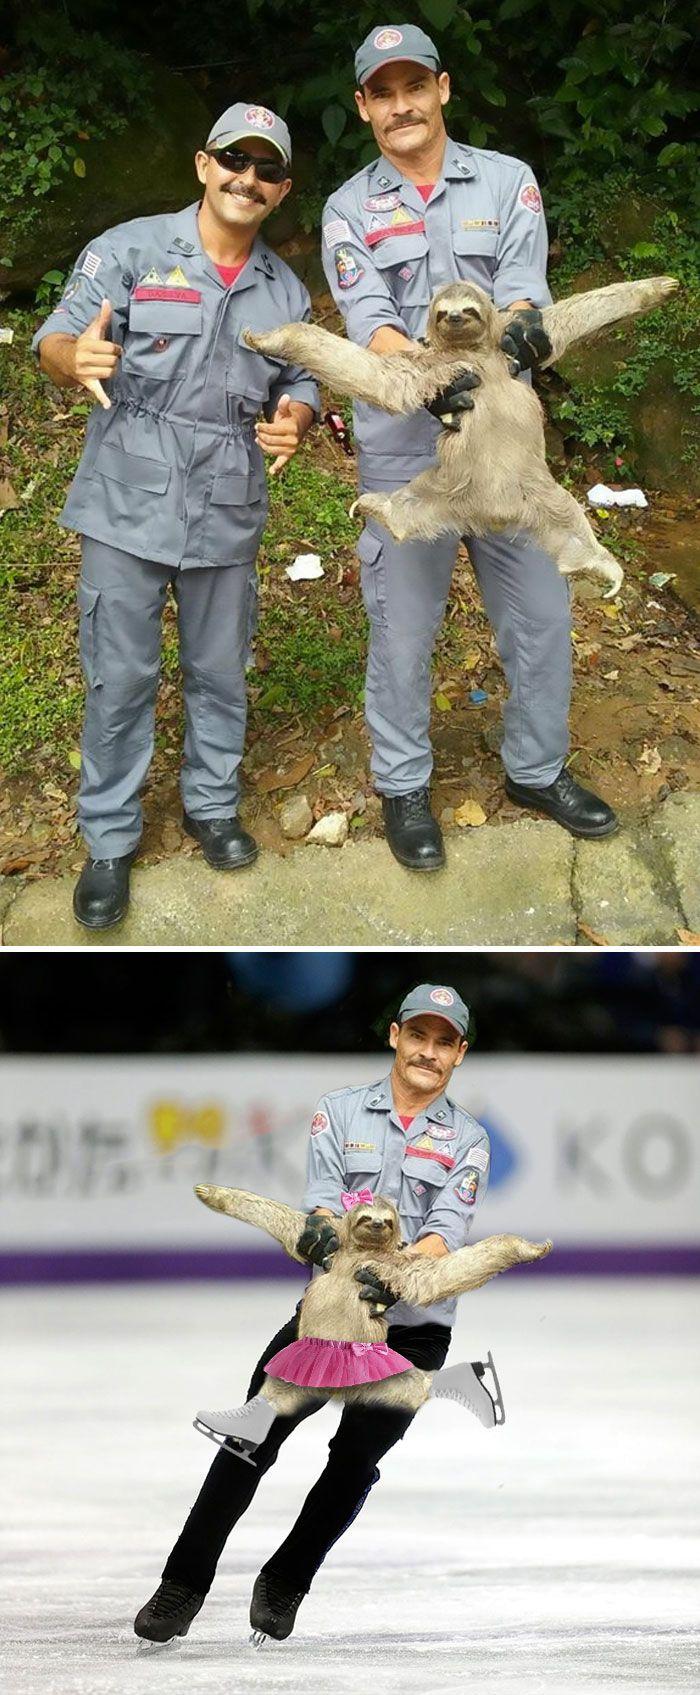 funny photo-shopped pics